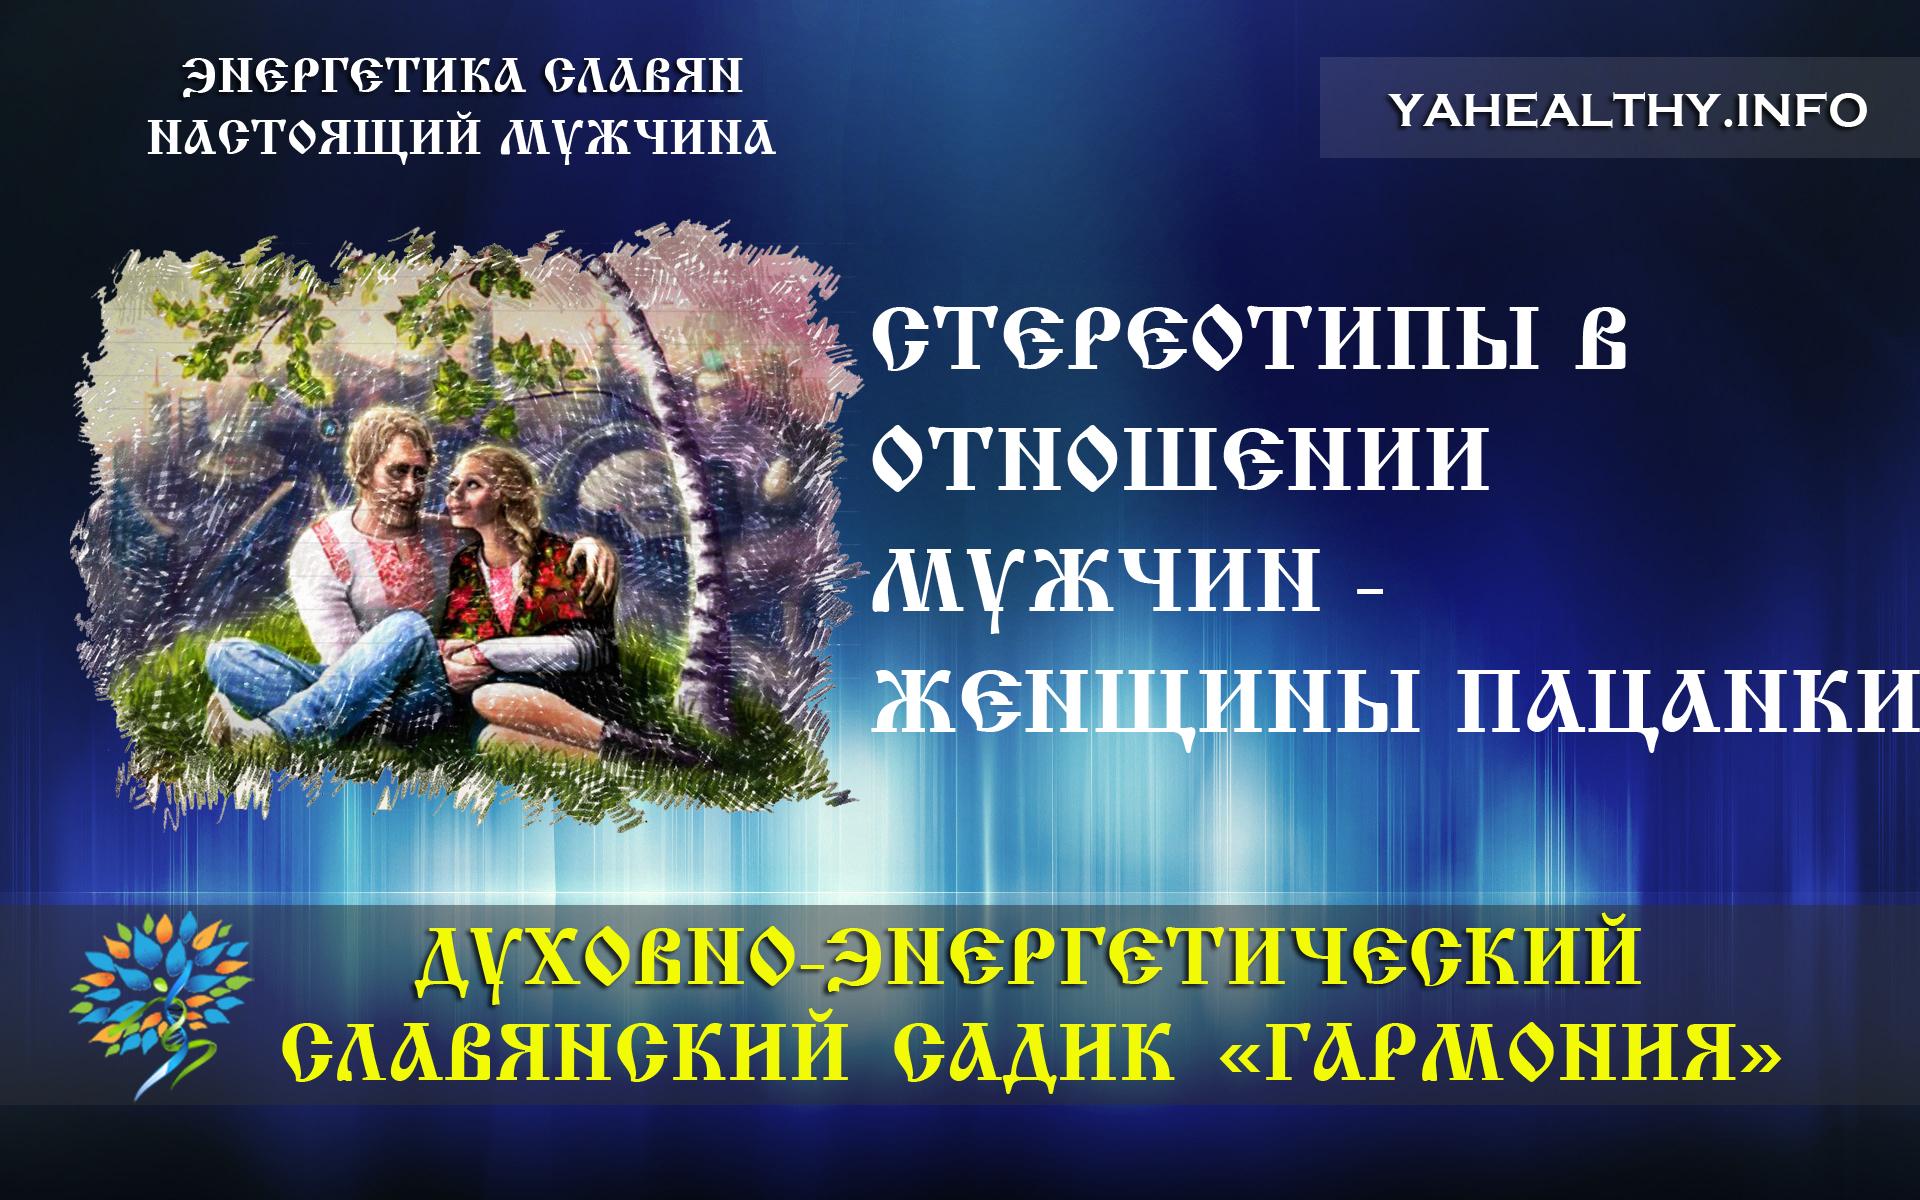 Стереотипы в отношении мужчин - женщины пацанки |Энергетика славян|Ведагоръ